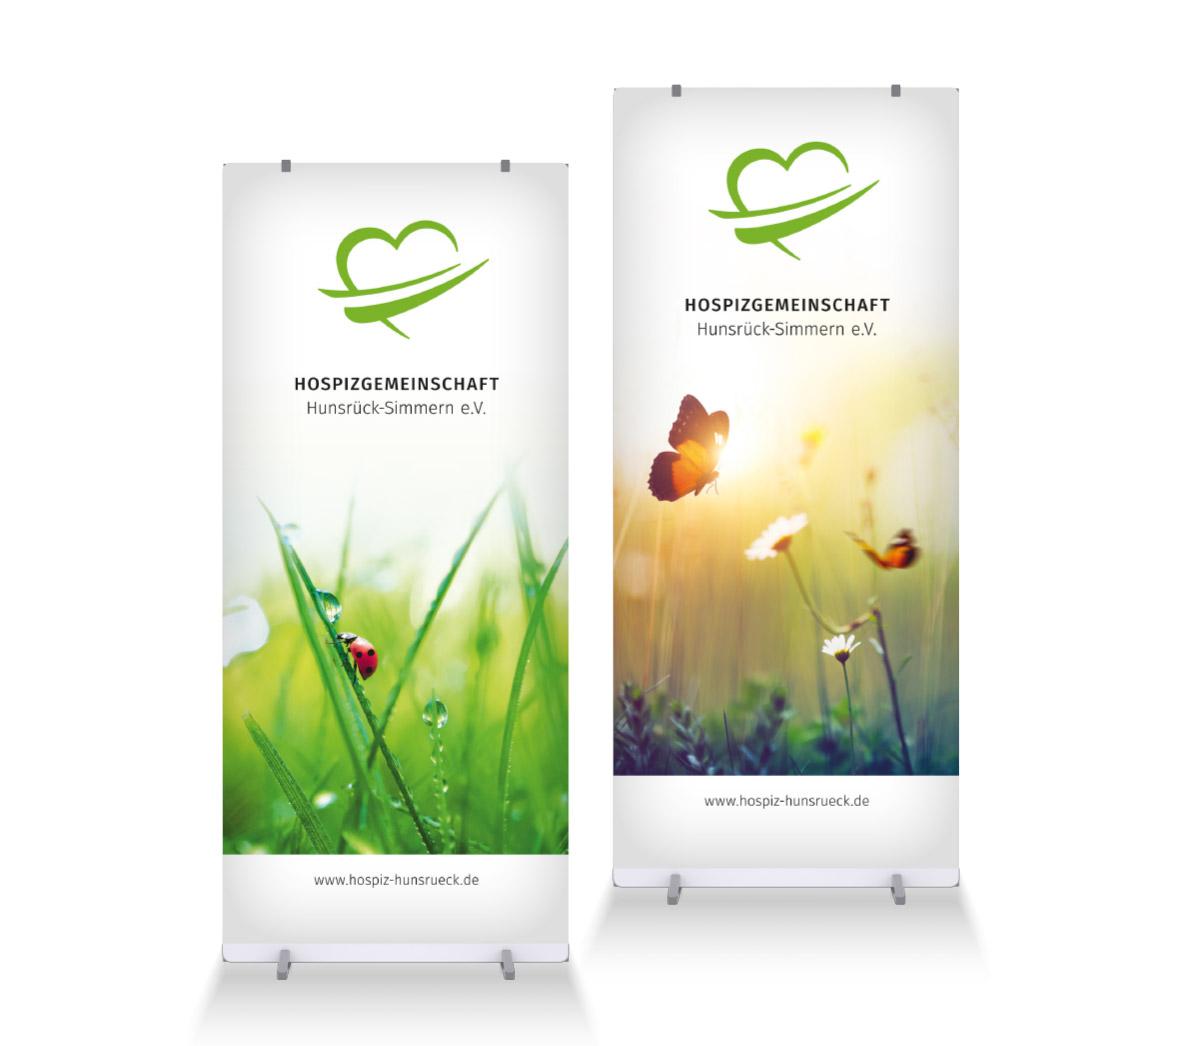 Roll Up Displays Hospizgemeinschaft Hunsrück-Simmern